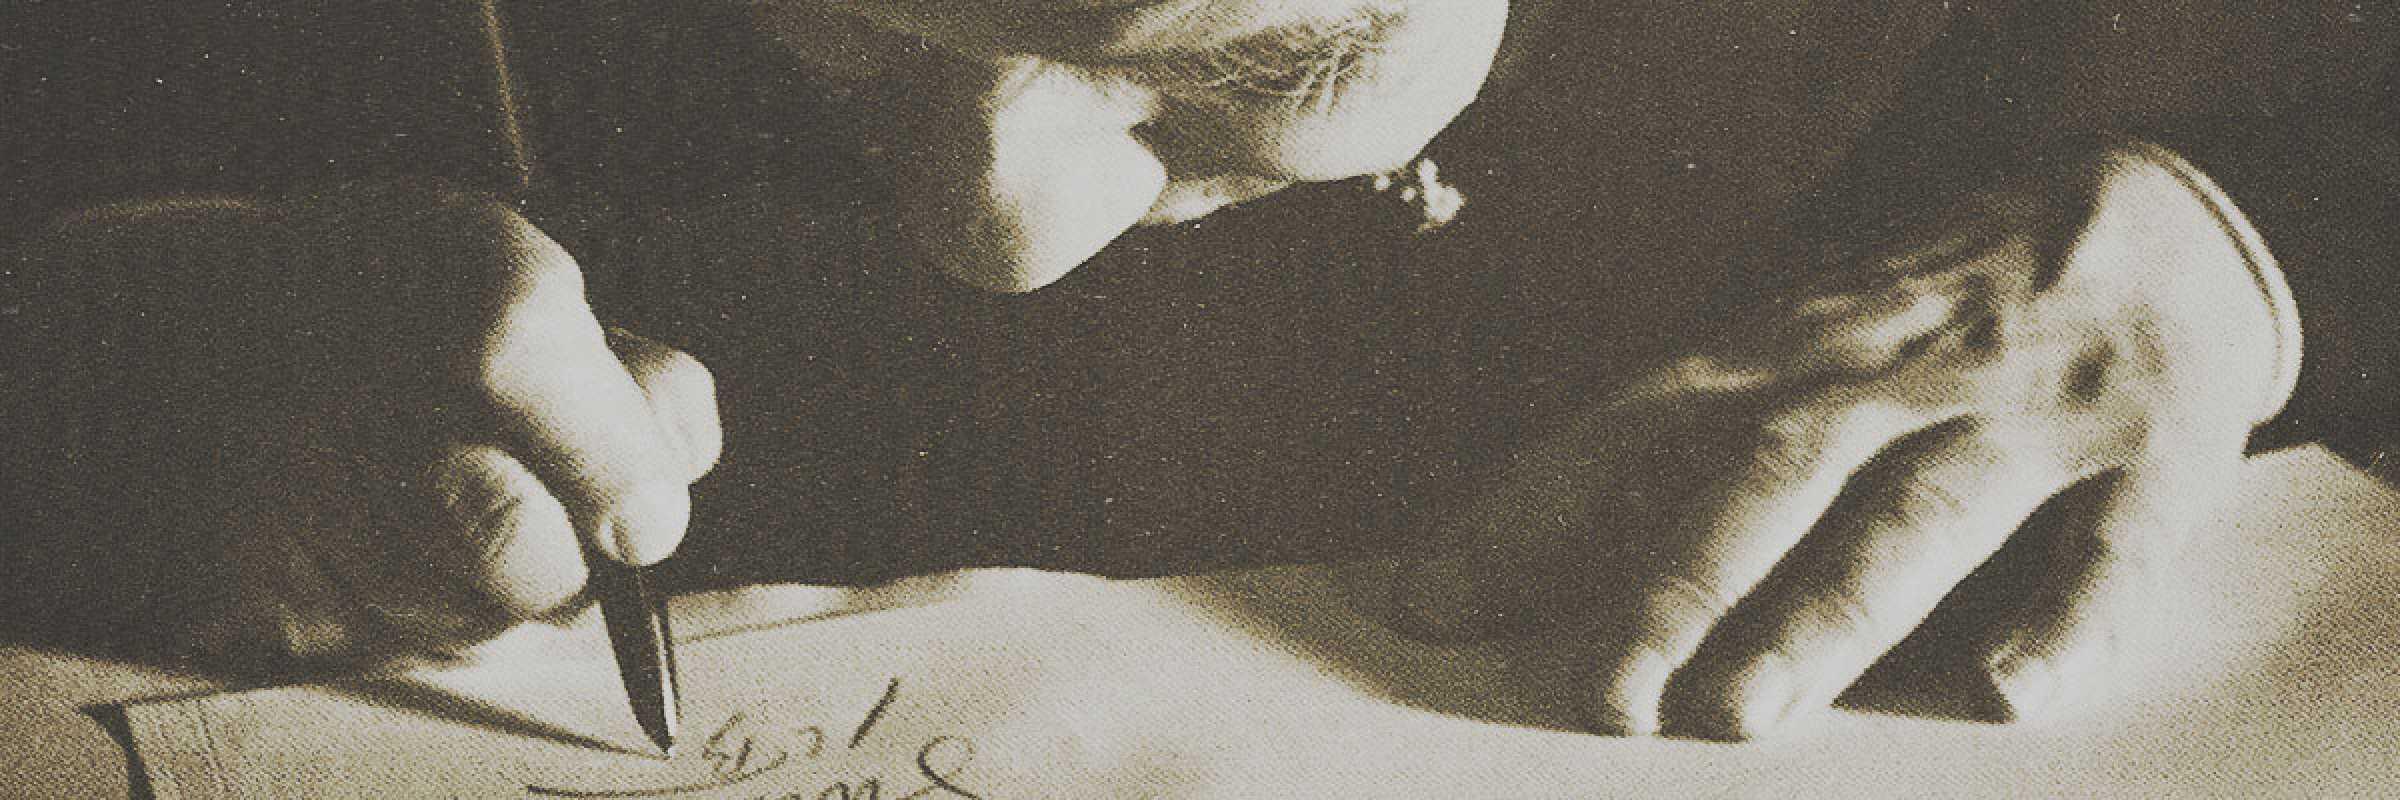 Borges intento a scrivere.